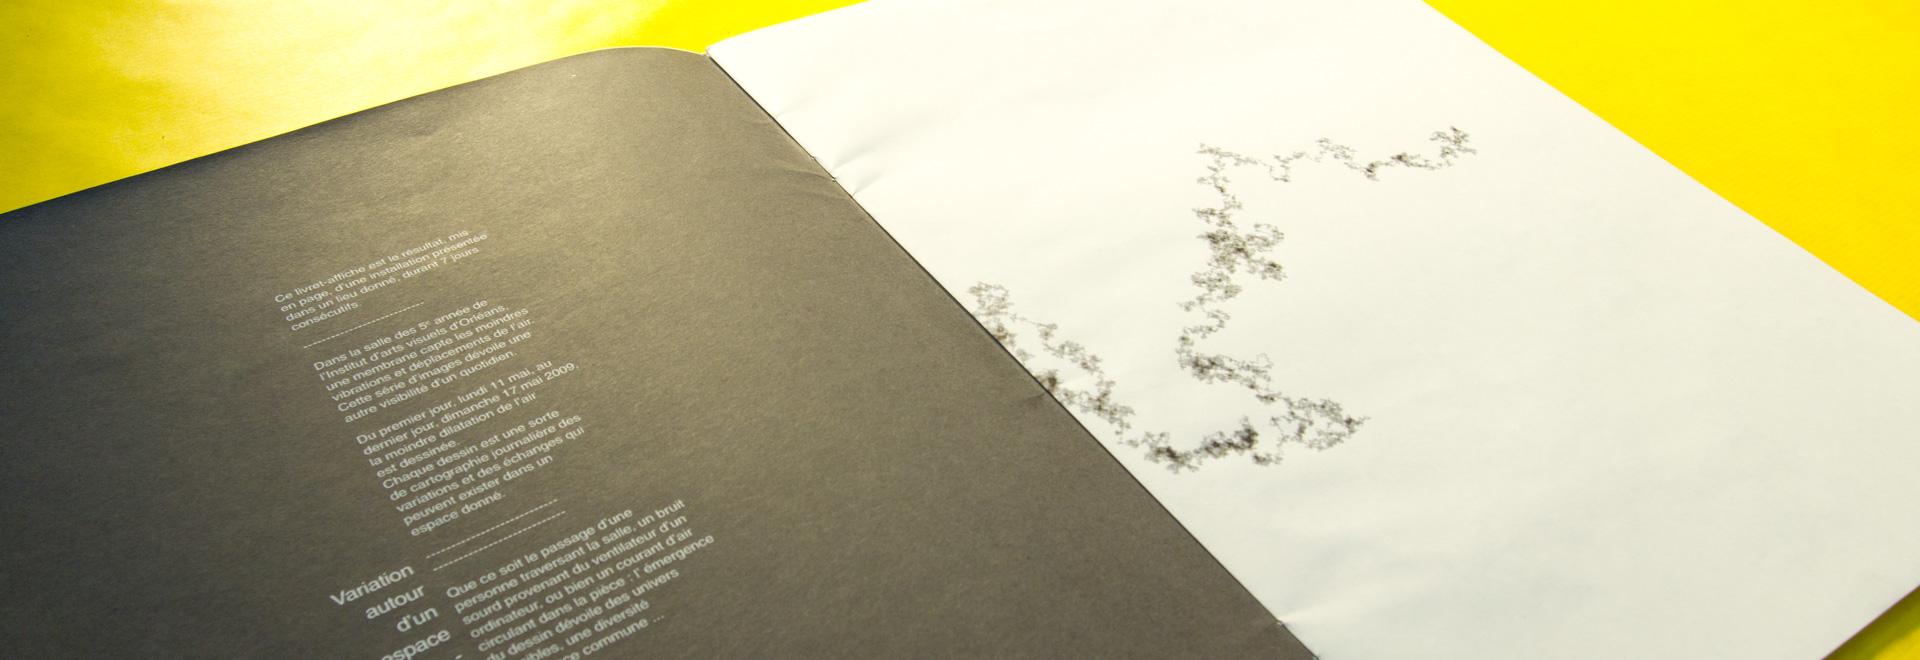 77-2424-3-edition